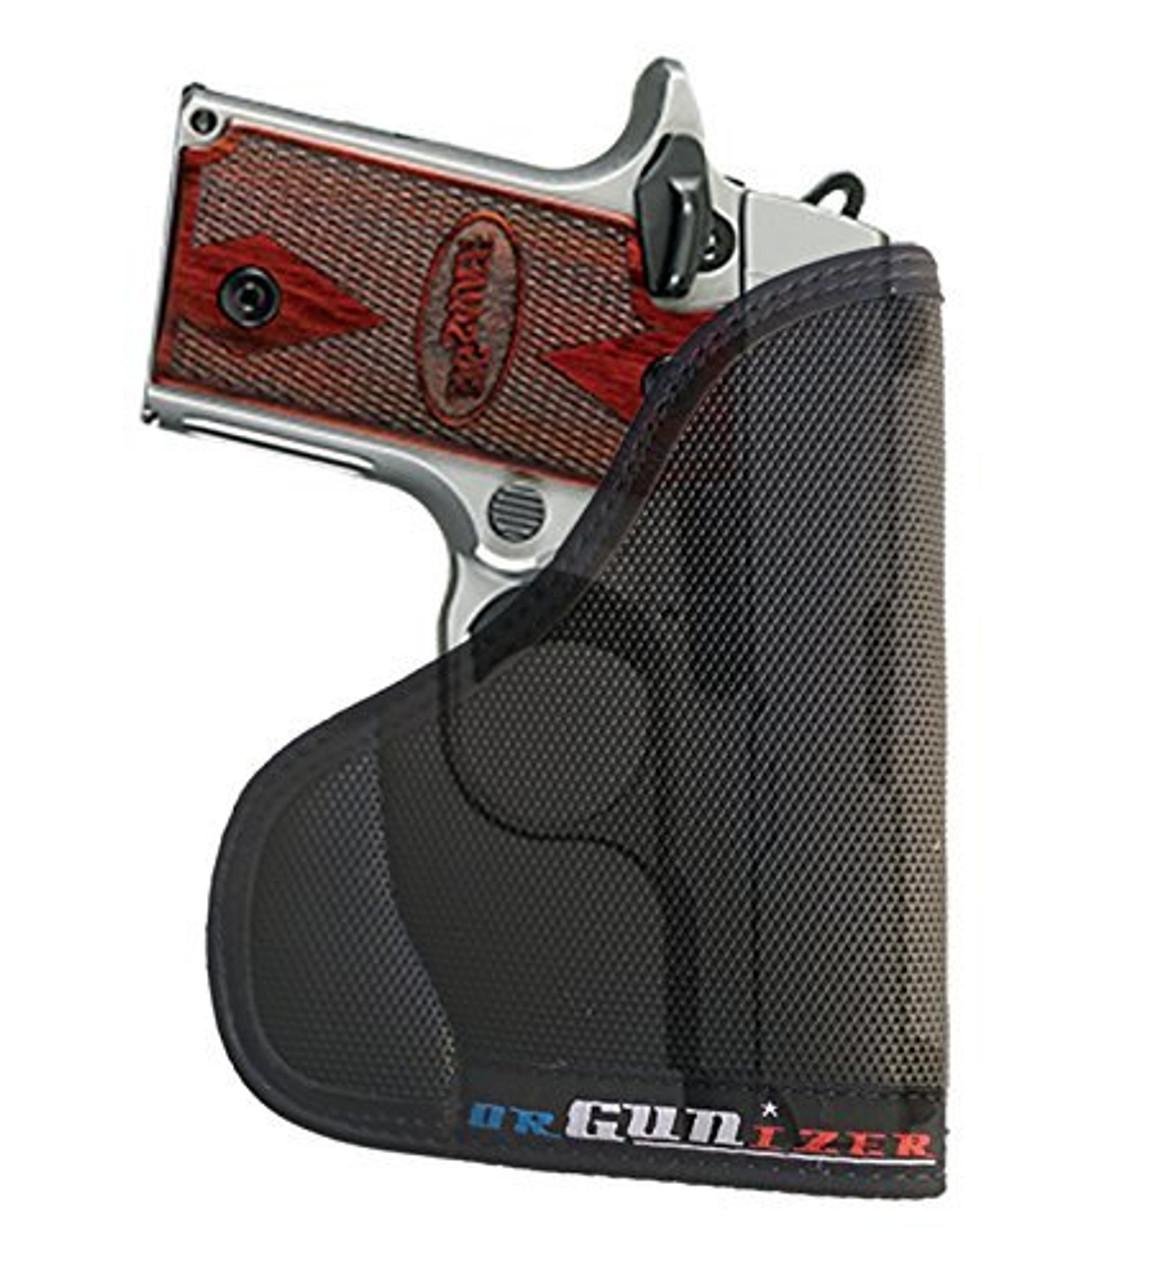 Garrison Grip Custom Fit Leather-Trimmed Pocket Holster Concealed Carry Comfort, Sig Sauer P238 (A)